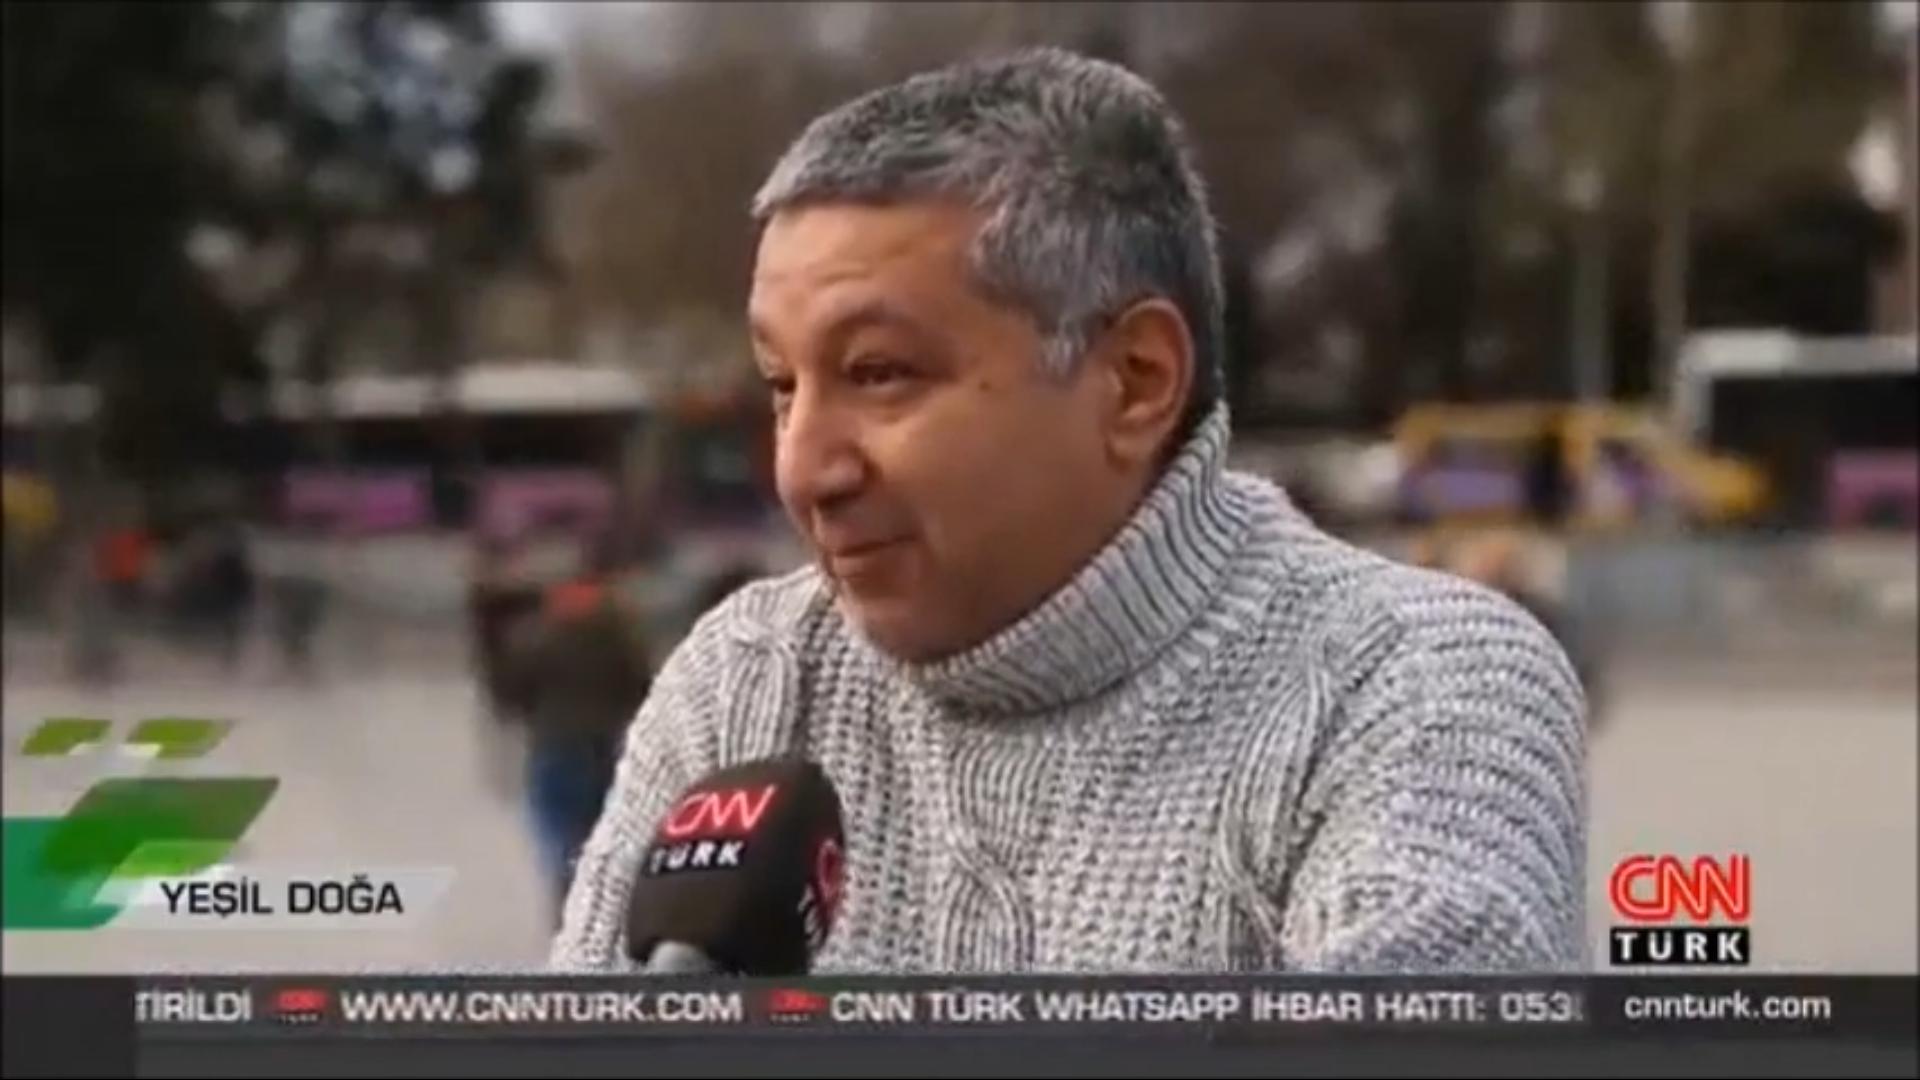 Atlı faytonlar ile yaptığımız mücadele ile ilgili, CNN Türk Yeşil Doğa programındaydık. ÖZET